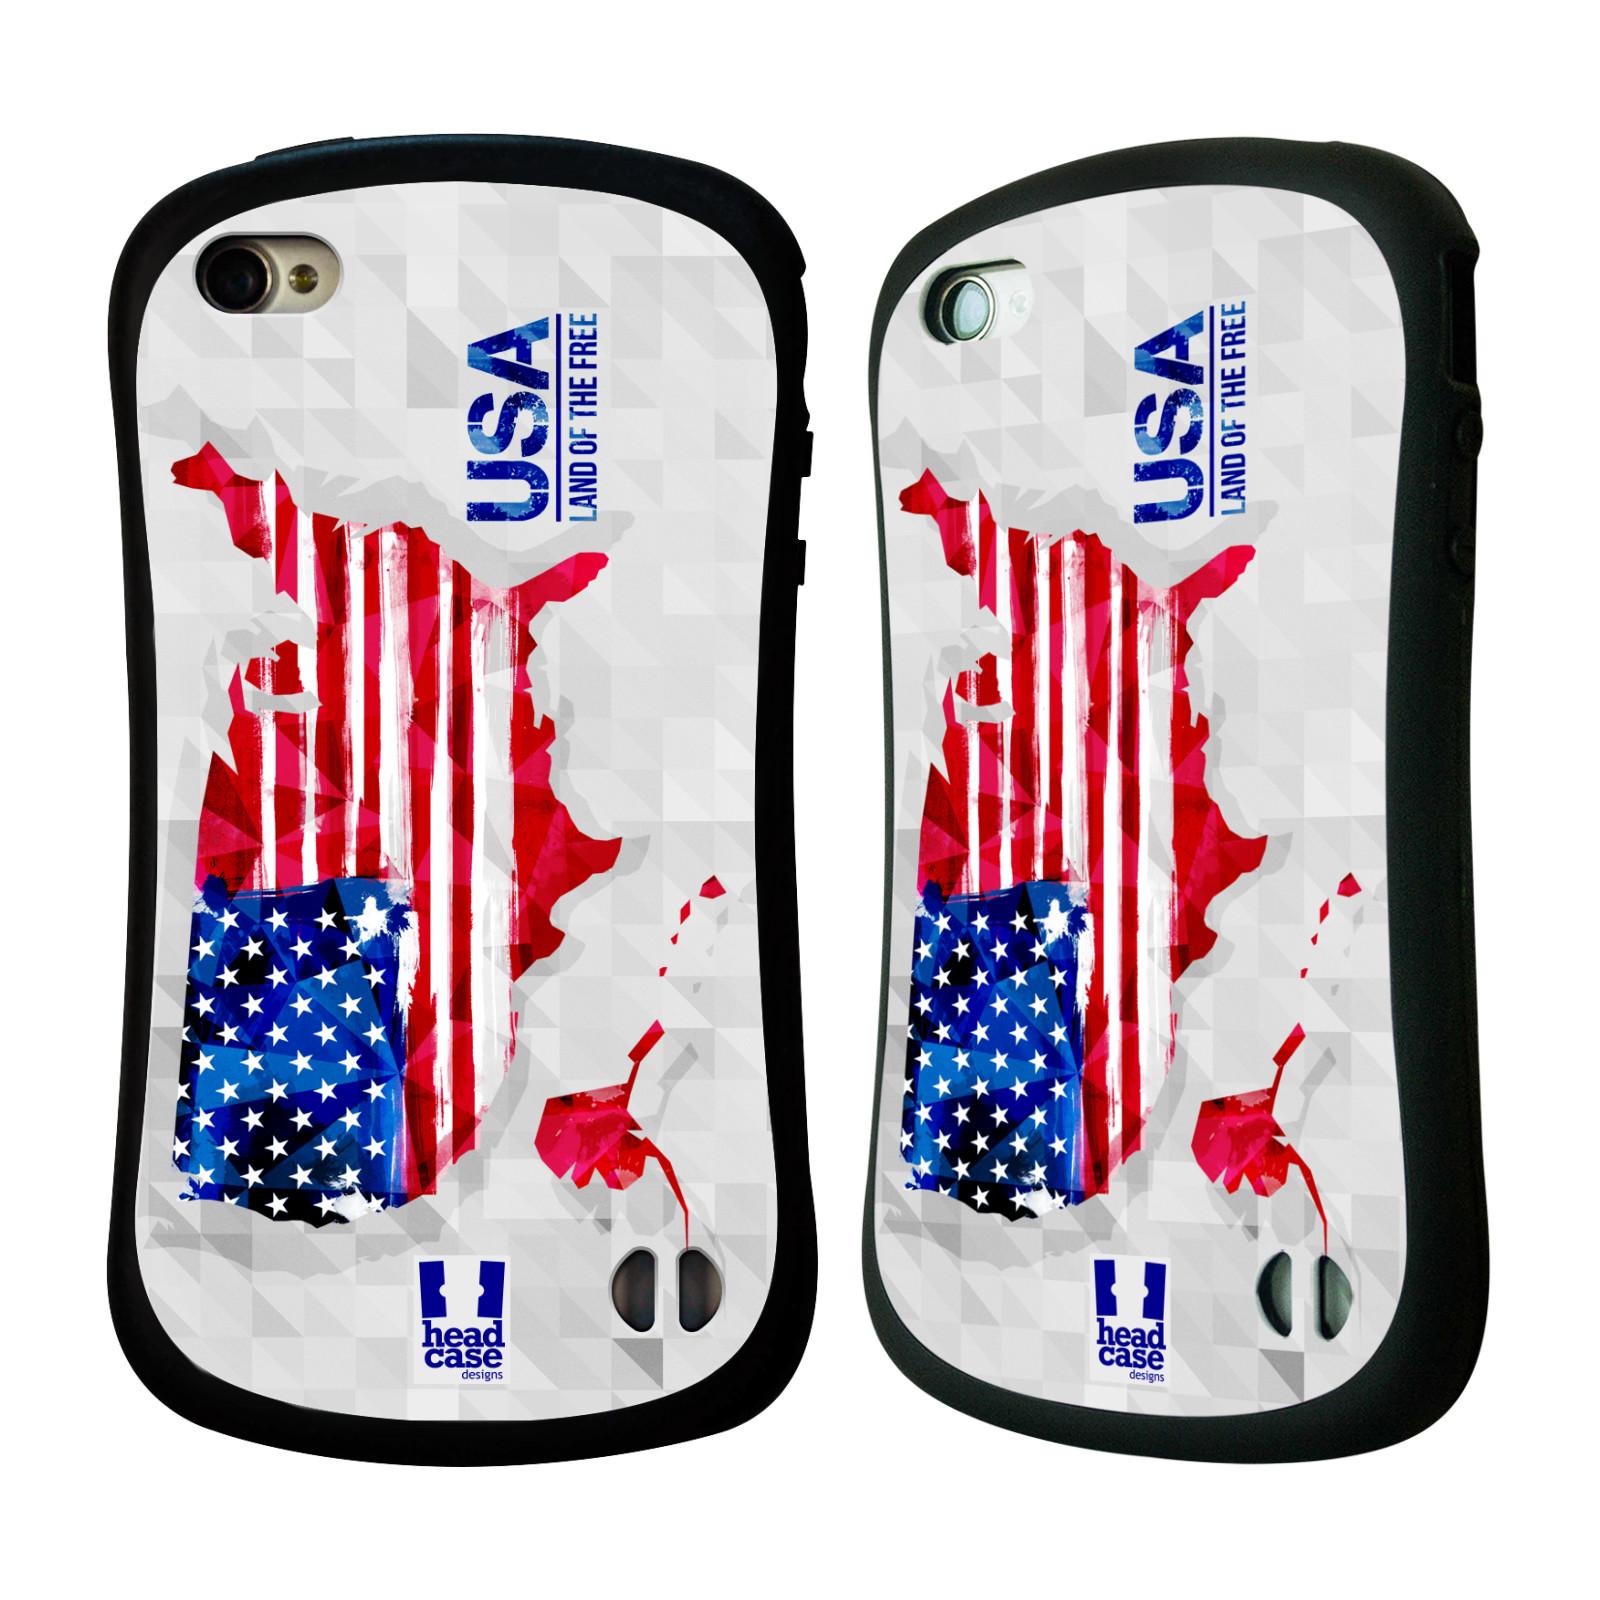 Nárazuvzdorné pouzdro na mobil Apple iPhone 4 a 4S HEAD CASE GEOMAPA USA (Odolný nárazuvzdorný silikonový kryt či obal na mobilní telefon Apple iPhone 4 a 4S)